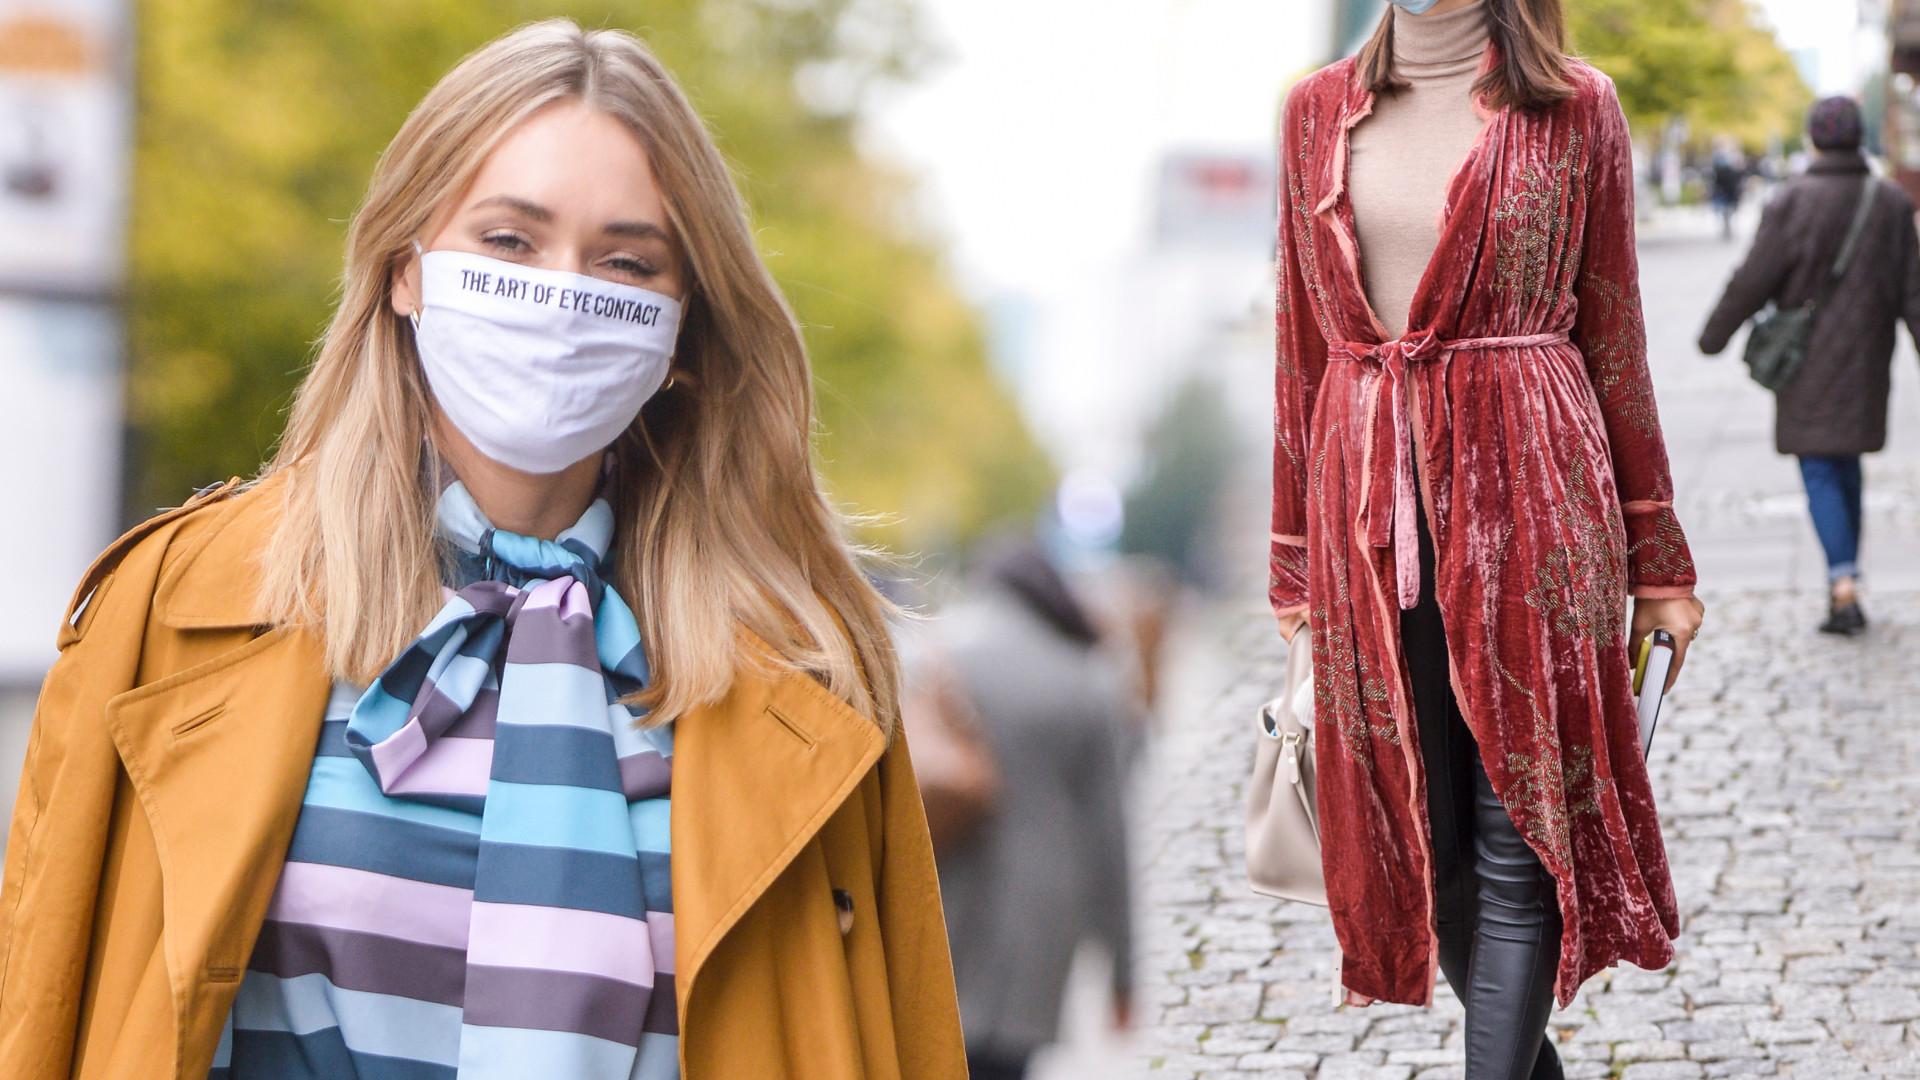 Gwiazdy w jesiennych stylizacjach: Paulina Krupińska i Magdalena Lamparska pokochały kolory